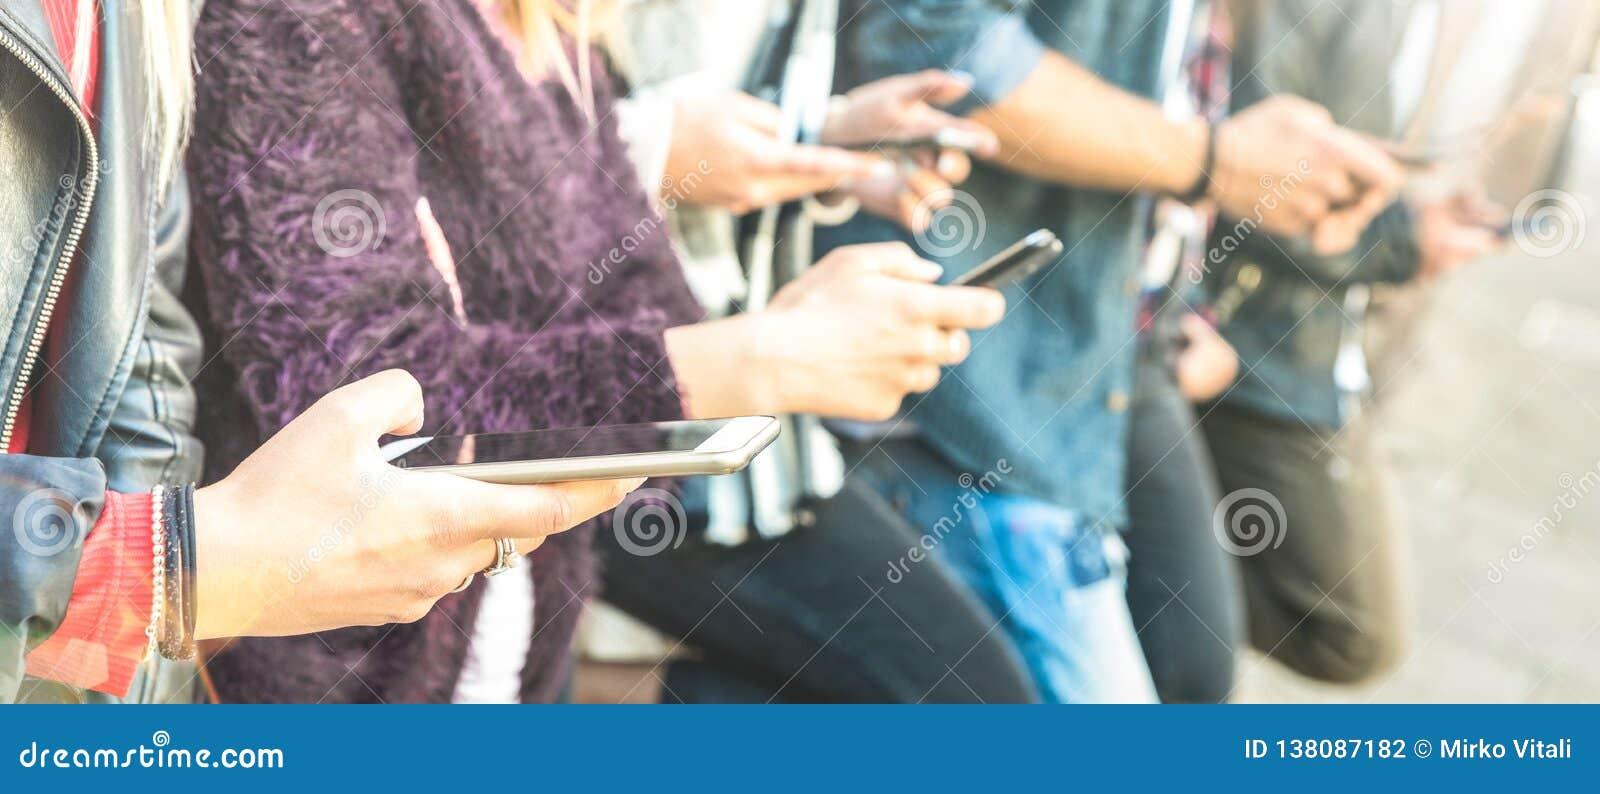 Multikulturelle Freundgruppe unter Verwendung des Smartphone am Universitätshinterhofbruch - Leutehände gewöhnt durch intelligent